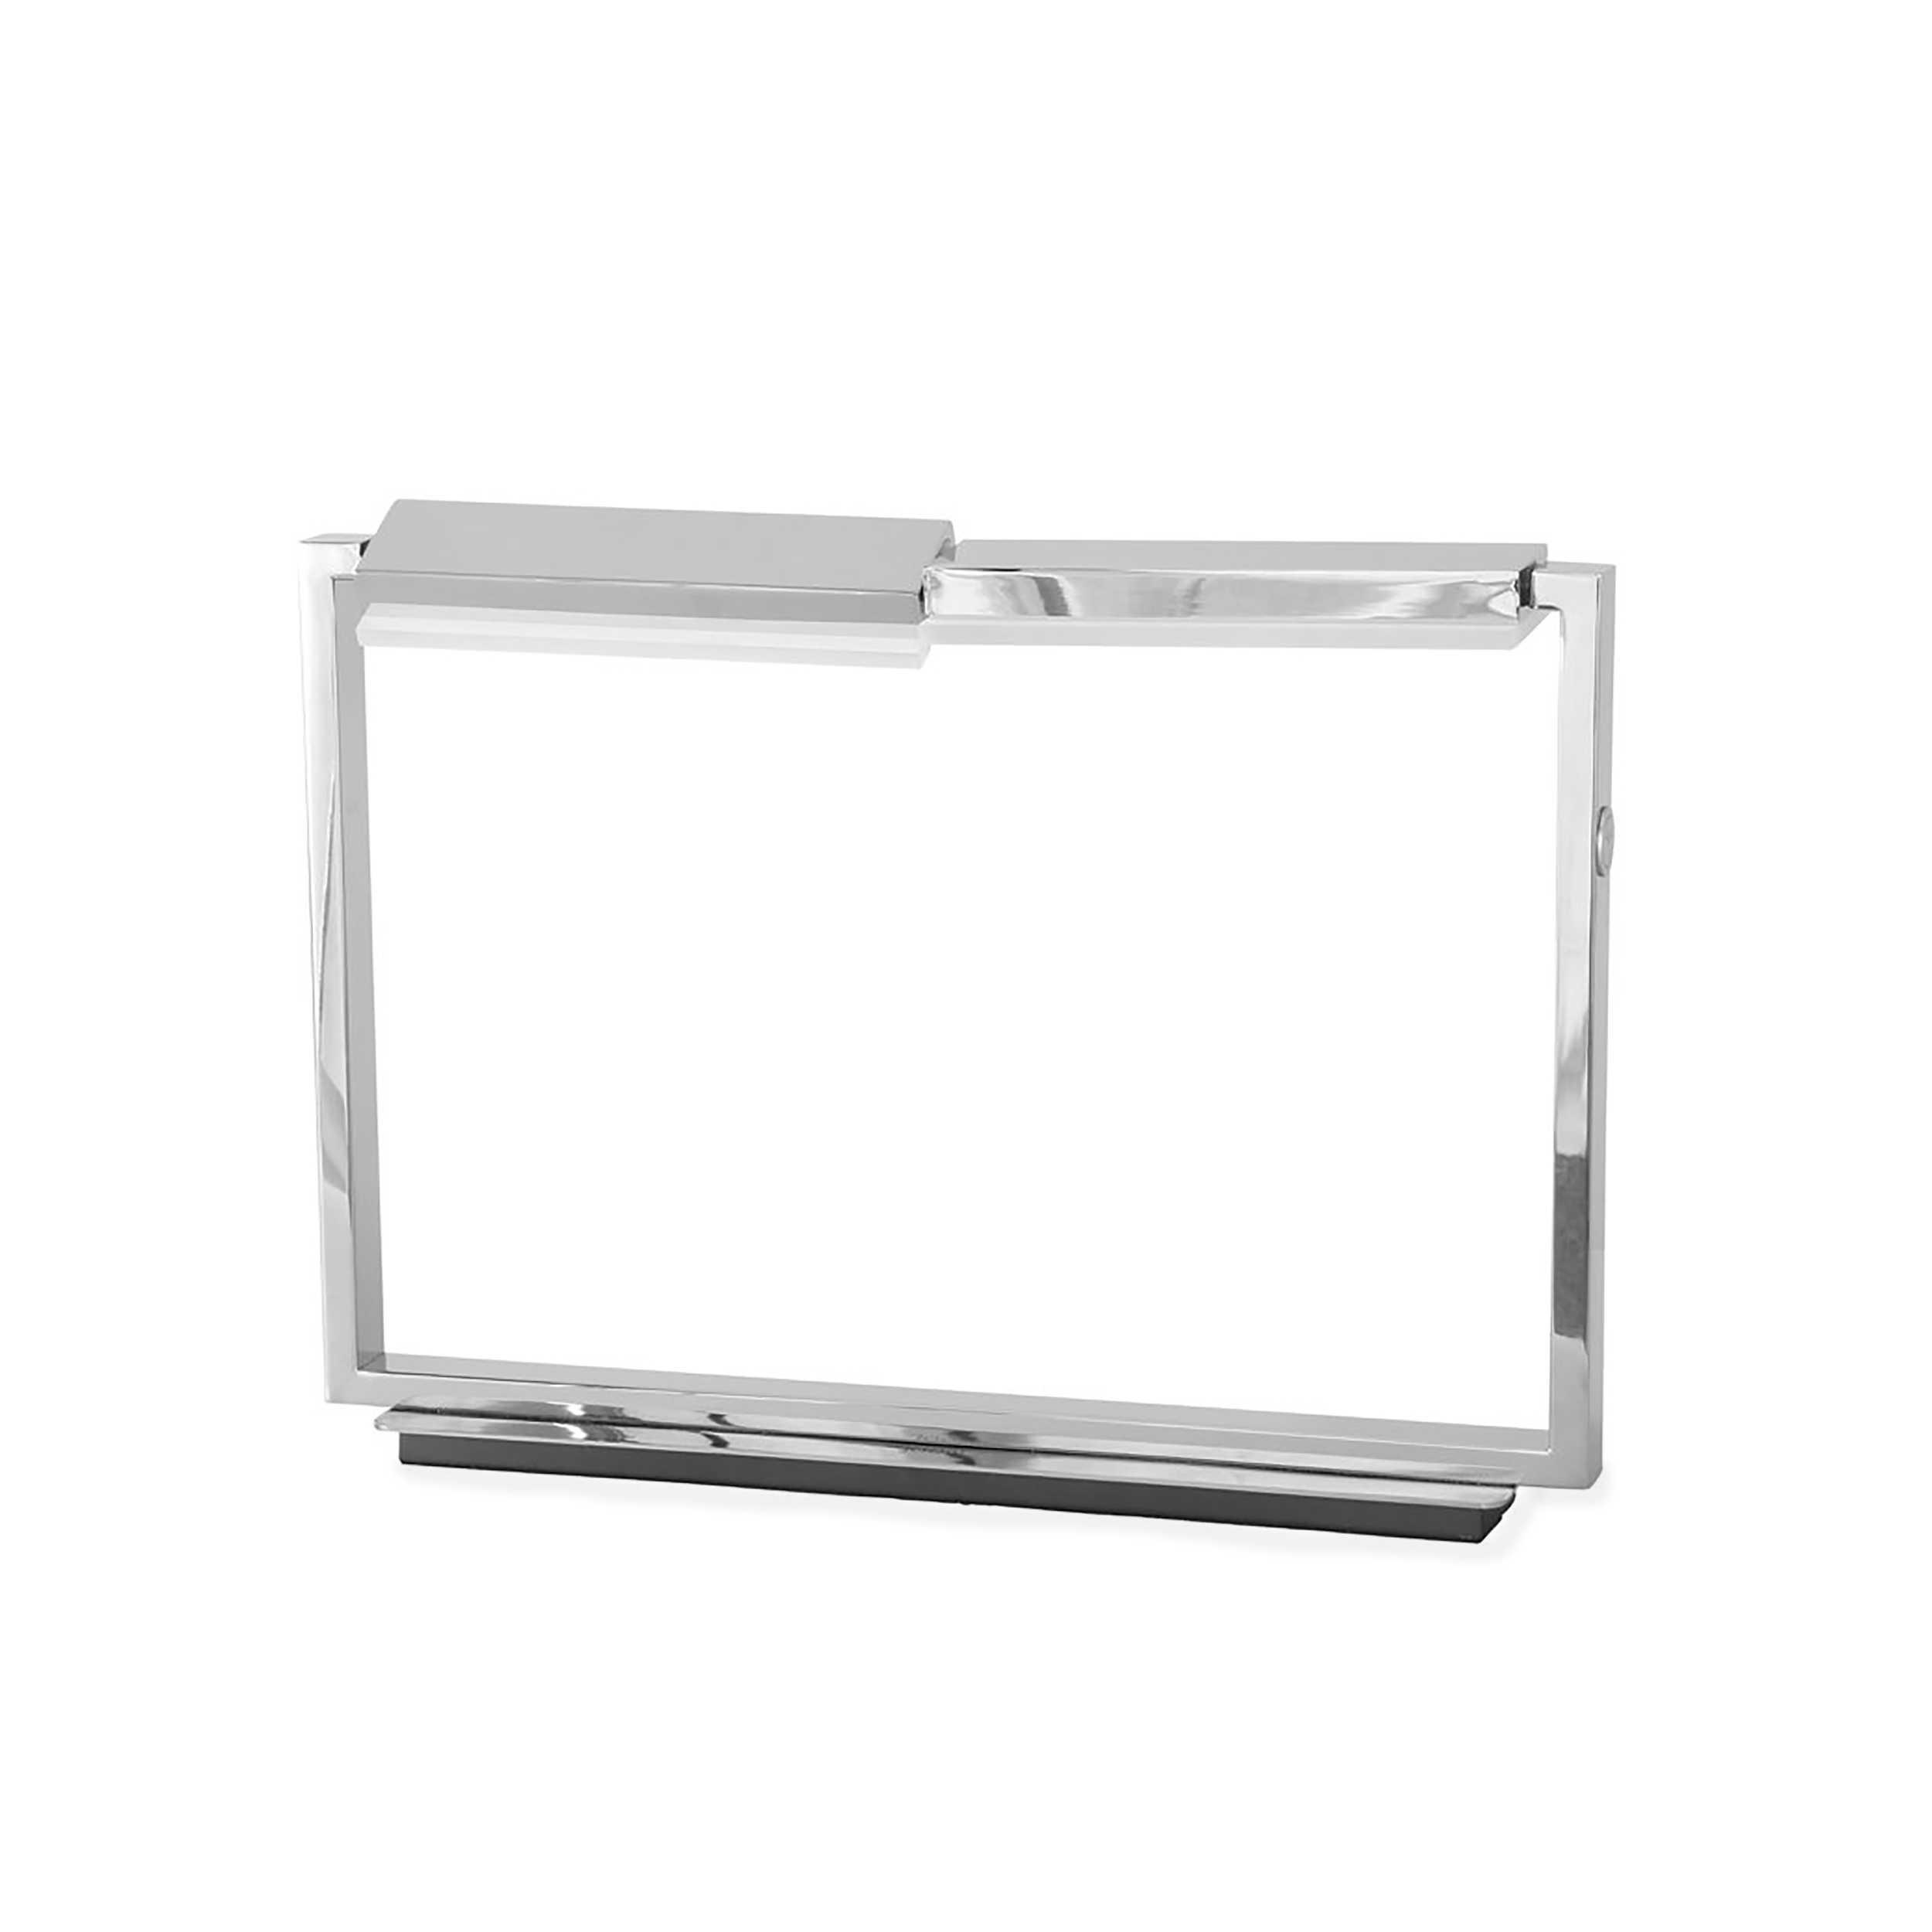 joop led tischleuchte cubic a chrom alu eisen stahl metall online kaufen bei woonio. Black Bedroom Furniture Sets. Home Design Ideas